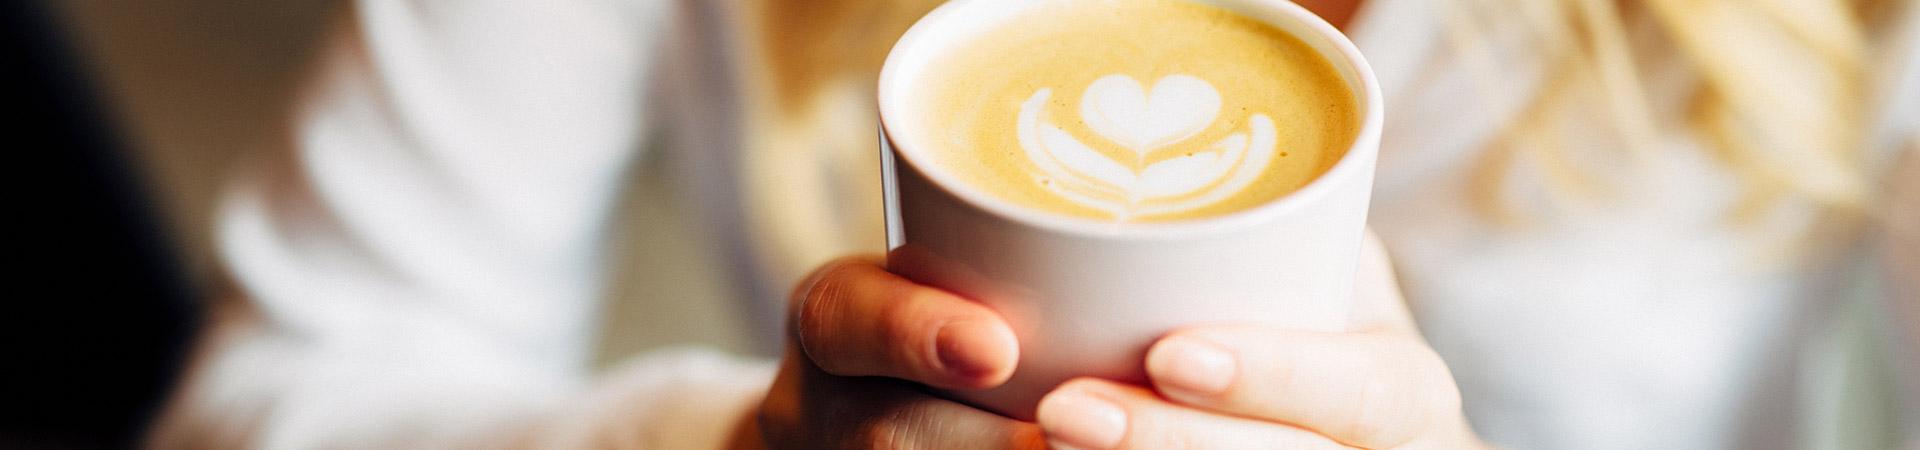 Koffiebonen • gemalen koffie • koffiecups